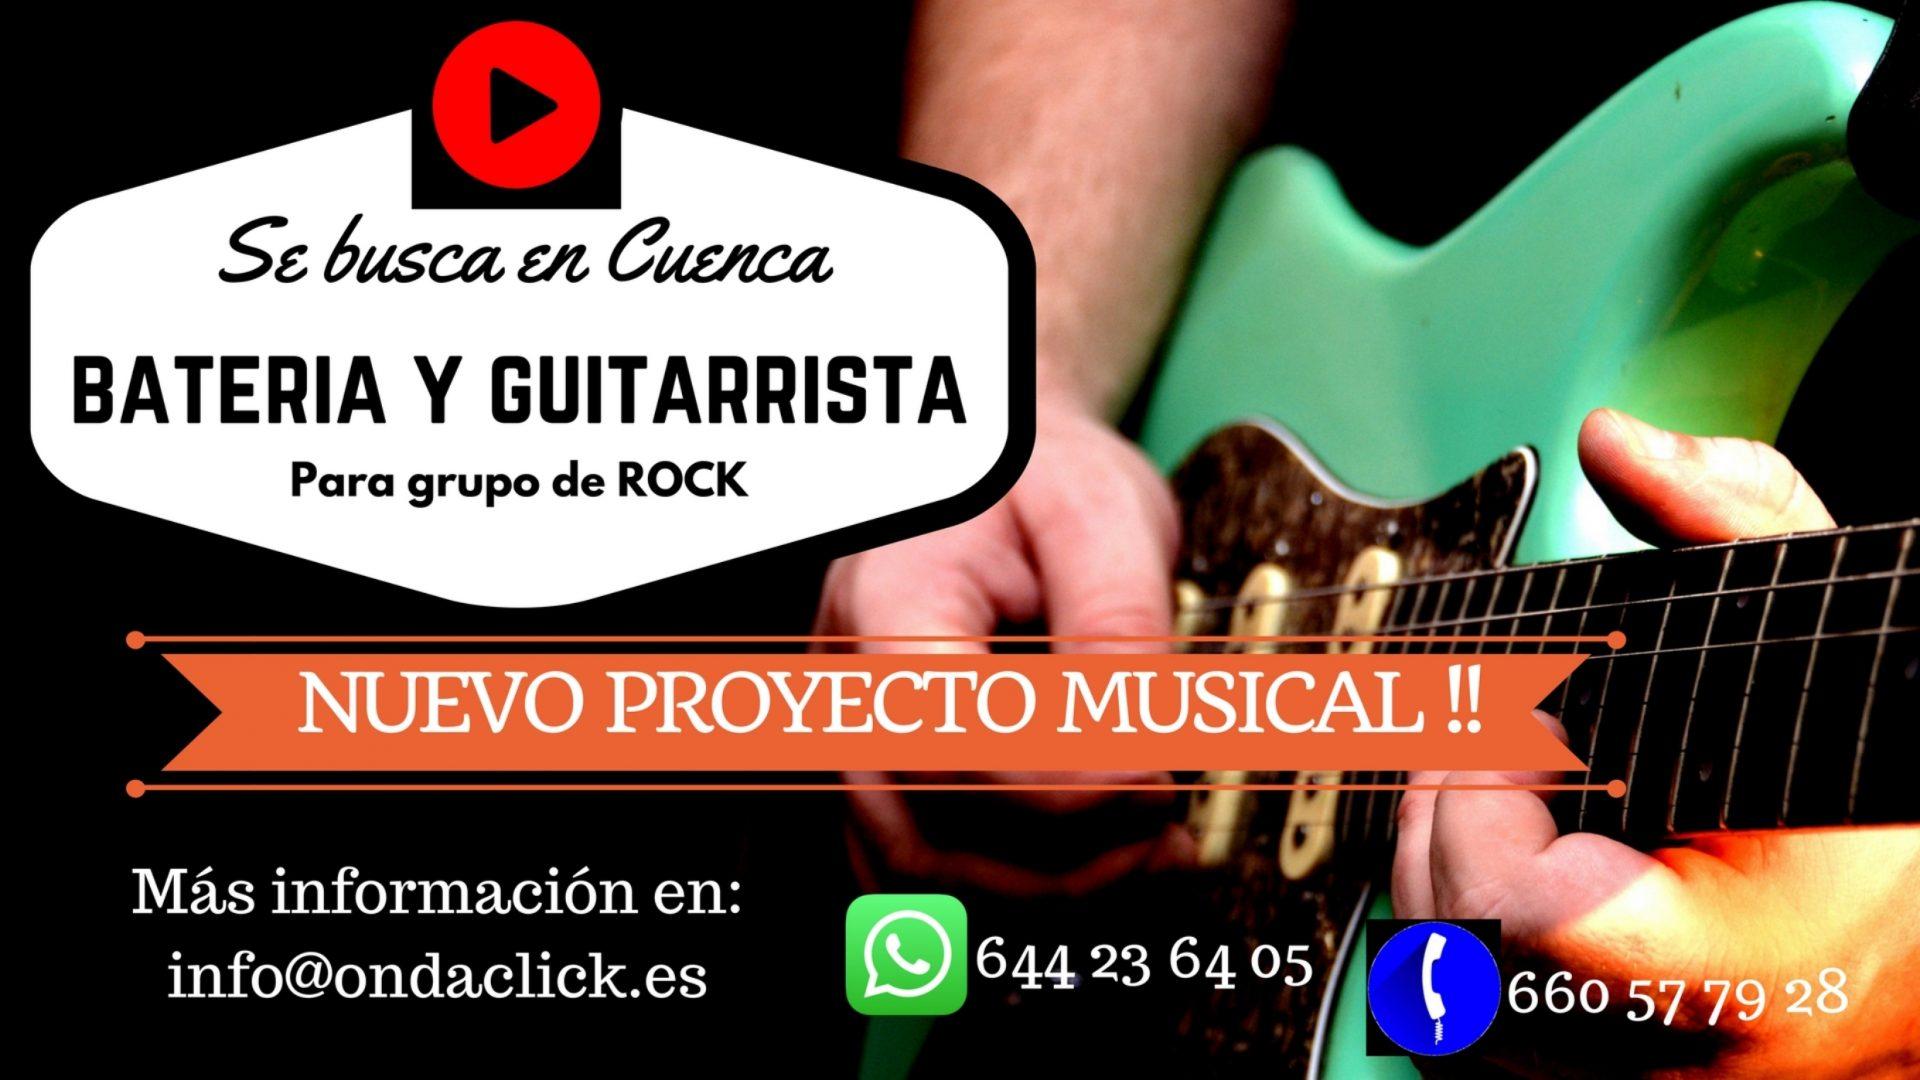 Permalink to: SE BUSCA BATERÍA Y GUITARRA PARA GRUPO DE ROCK EN CUENCA